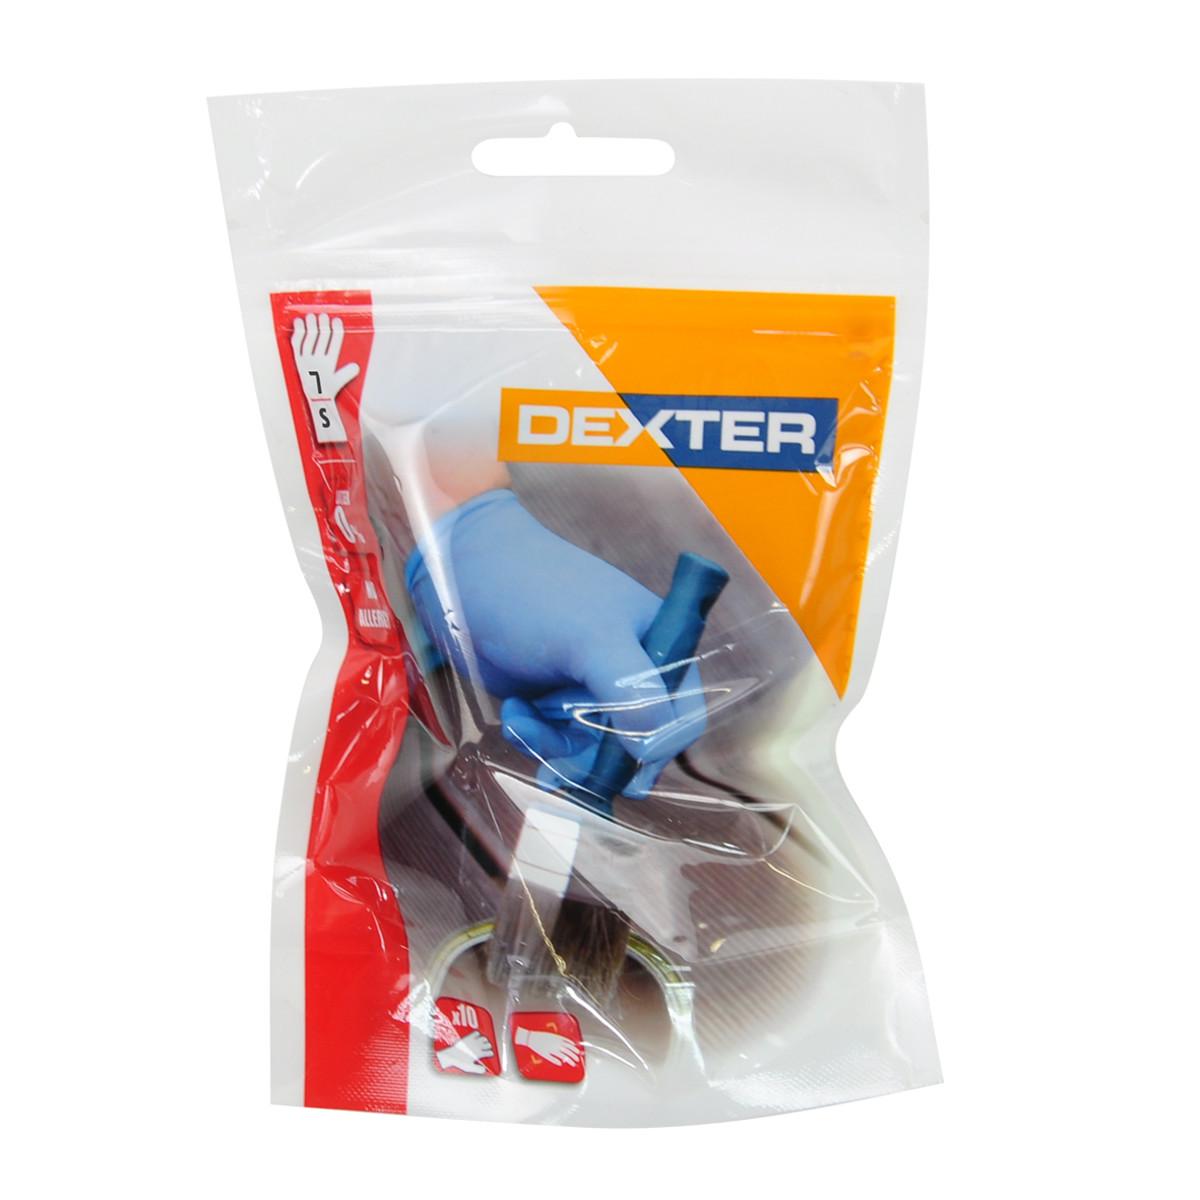 Перчатки нитриловые Dexter 10 шт. одноразовые